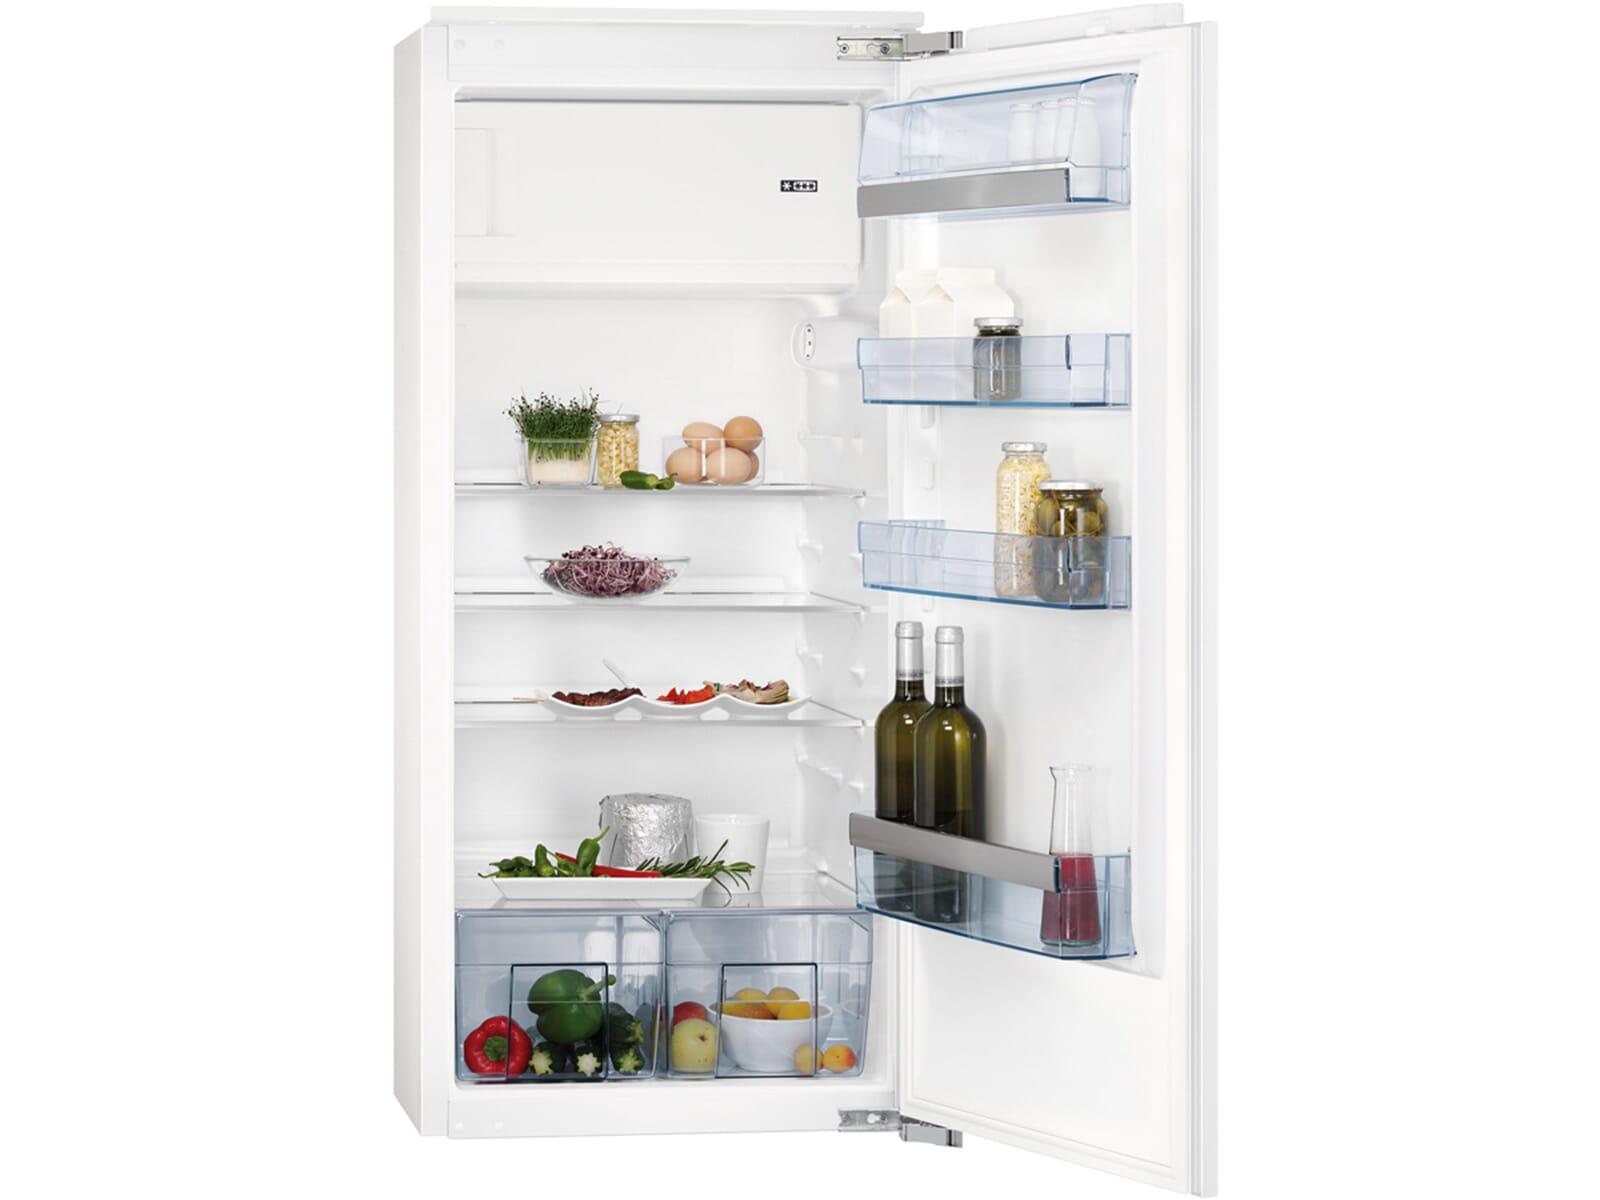 Aeg Kühlschrank Unterbau Integrierbar : Aeg k hlschrank einbau aeg kühlschrank cm hoch cm breit